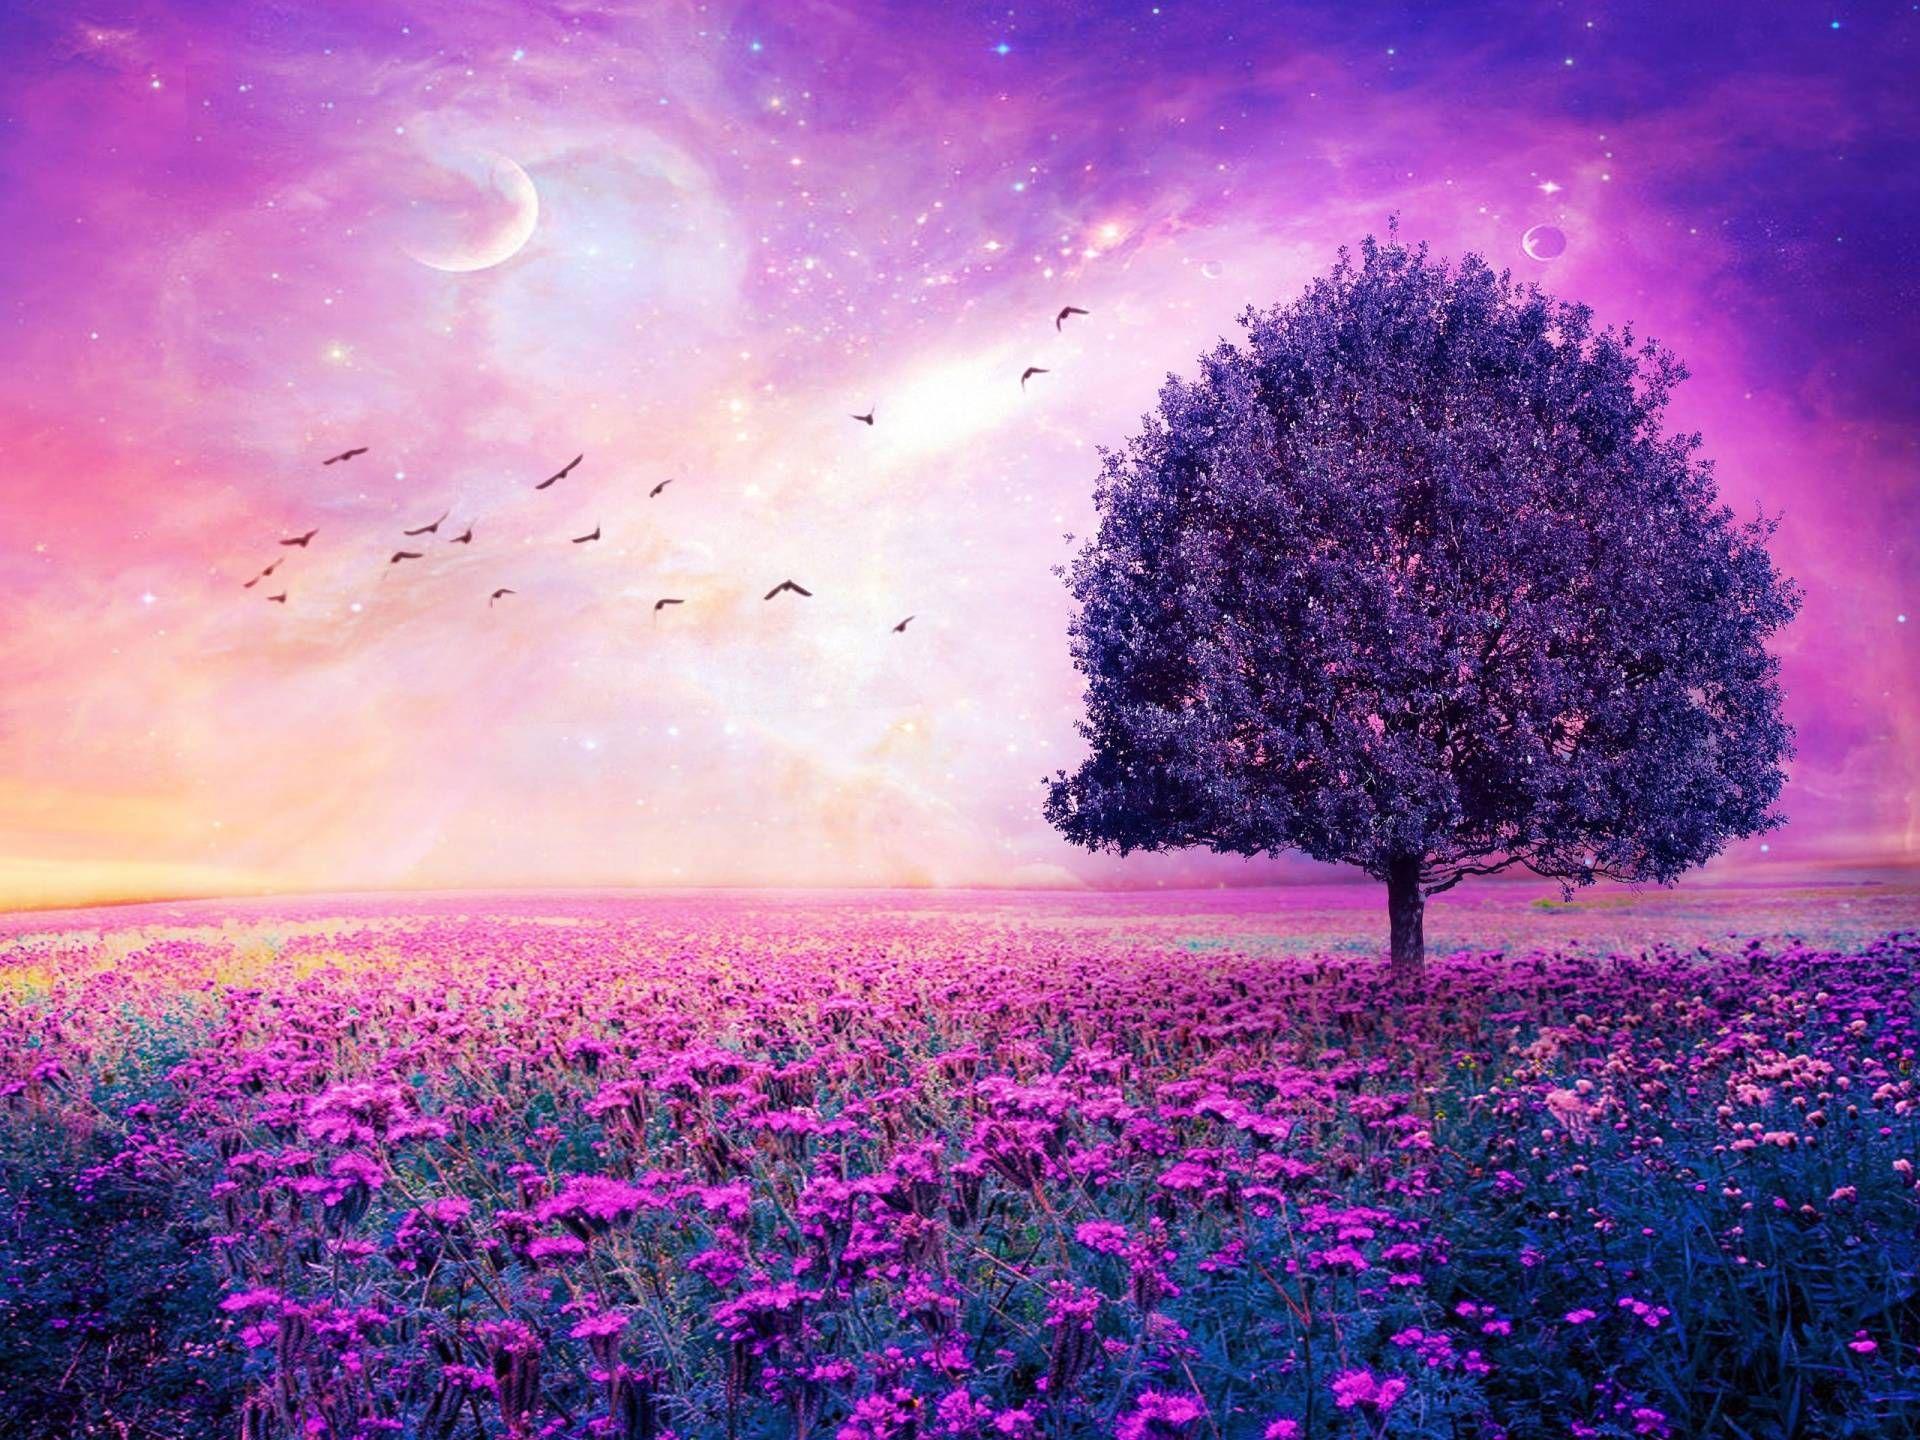 Purple Flowers Field Art Tree Hd Wallpapers High Definition Purple Flowers Wallpaper Field Wallpaper Beautiful Backgrounds